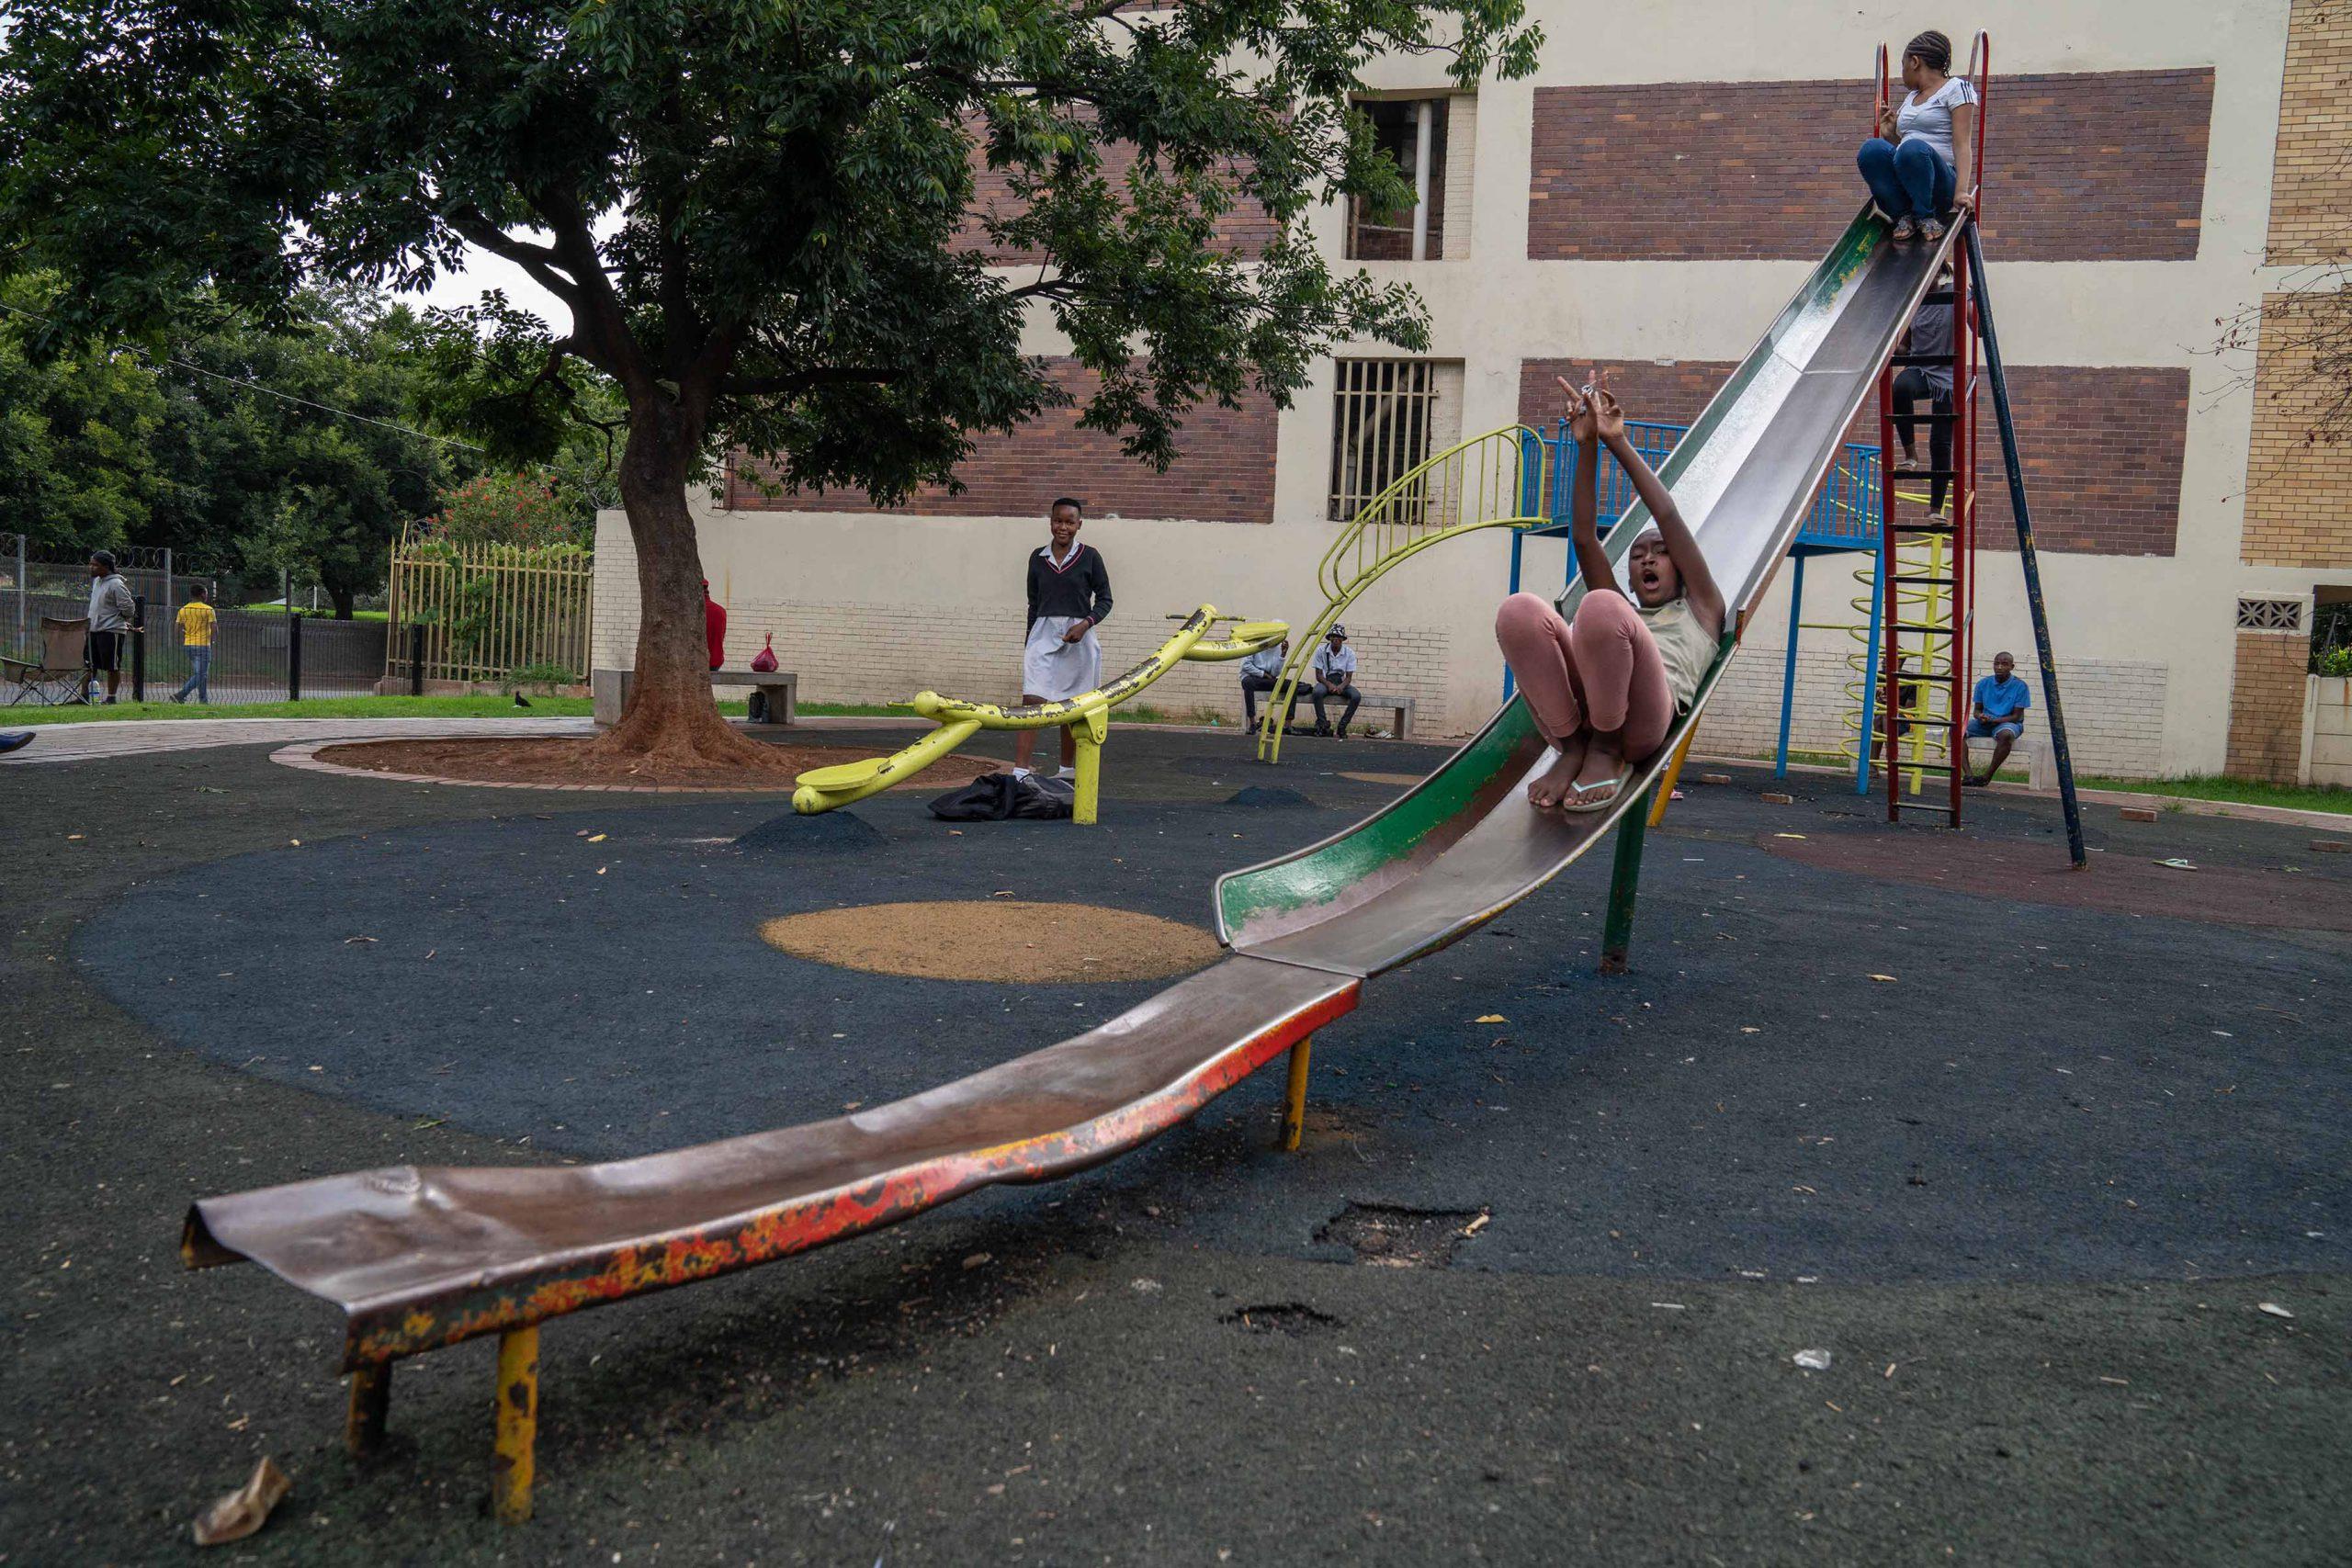 15 January 2020: Children taking a ride on the Barnato Park slide.